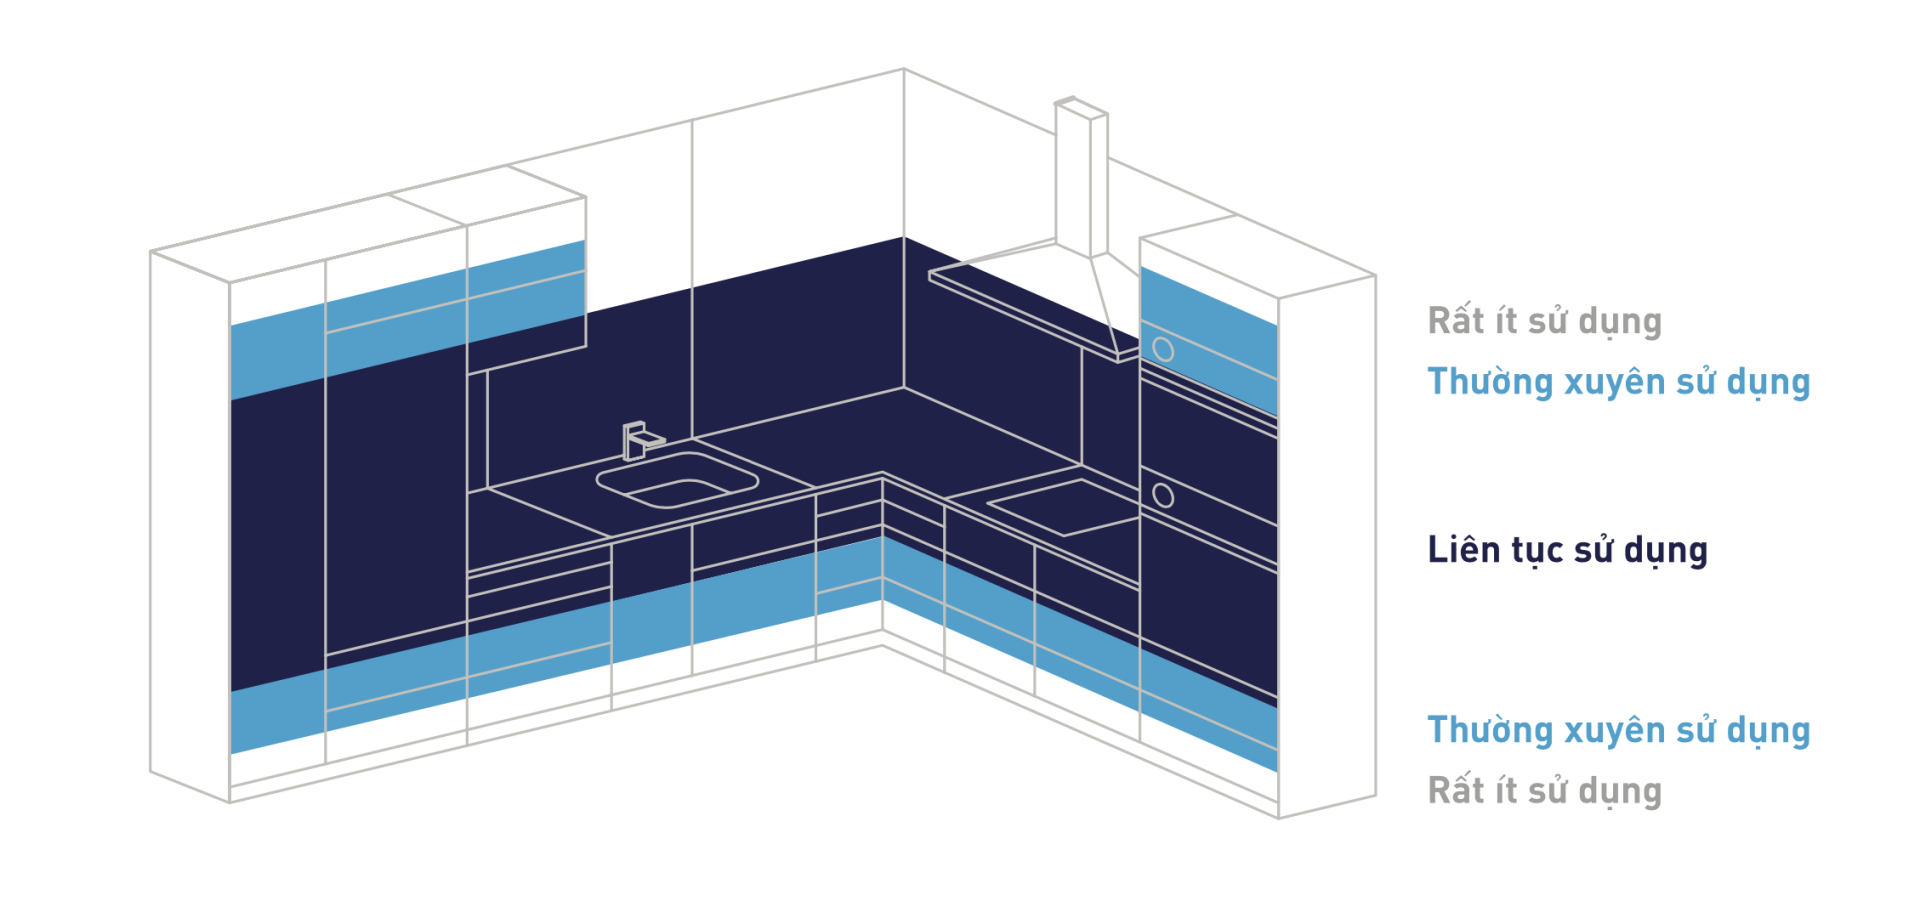 Nguyên tắc thiết kế tủ bếp tối ưu công năng và tiết kiệm thời gian